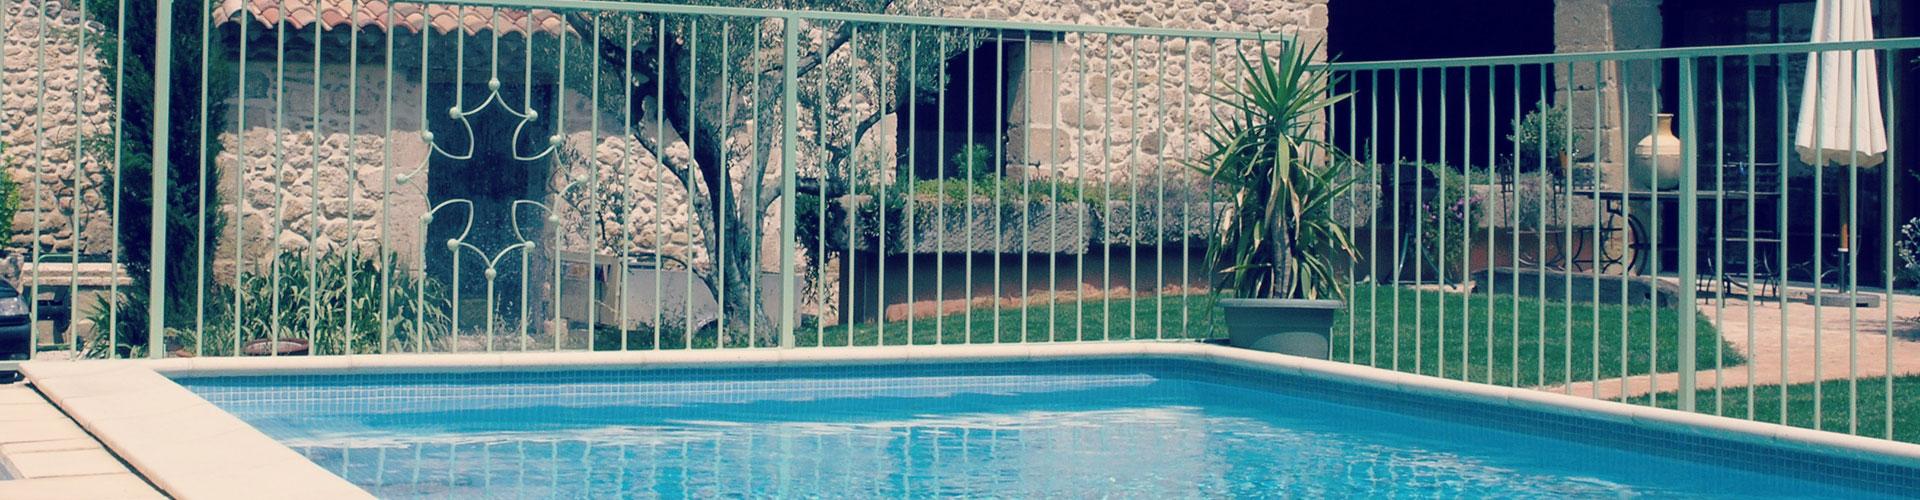 slide-piscine